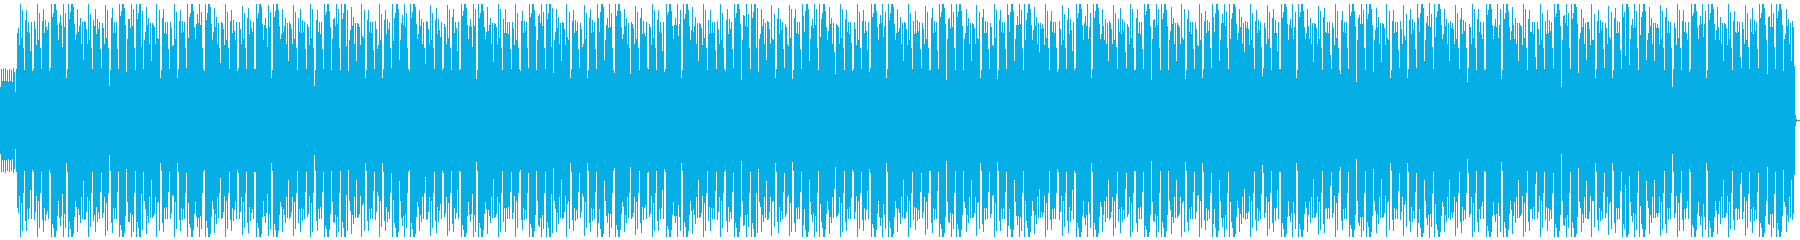 日常、コミカル、木琴、YouTubeの再生済みの波形